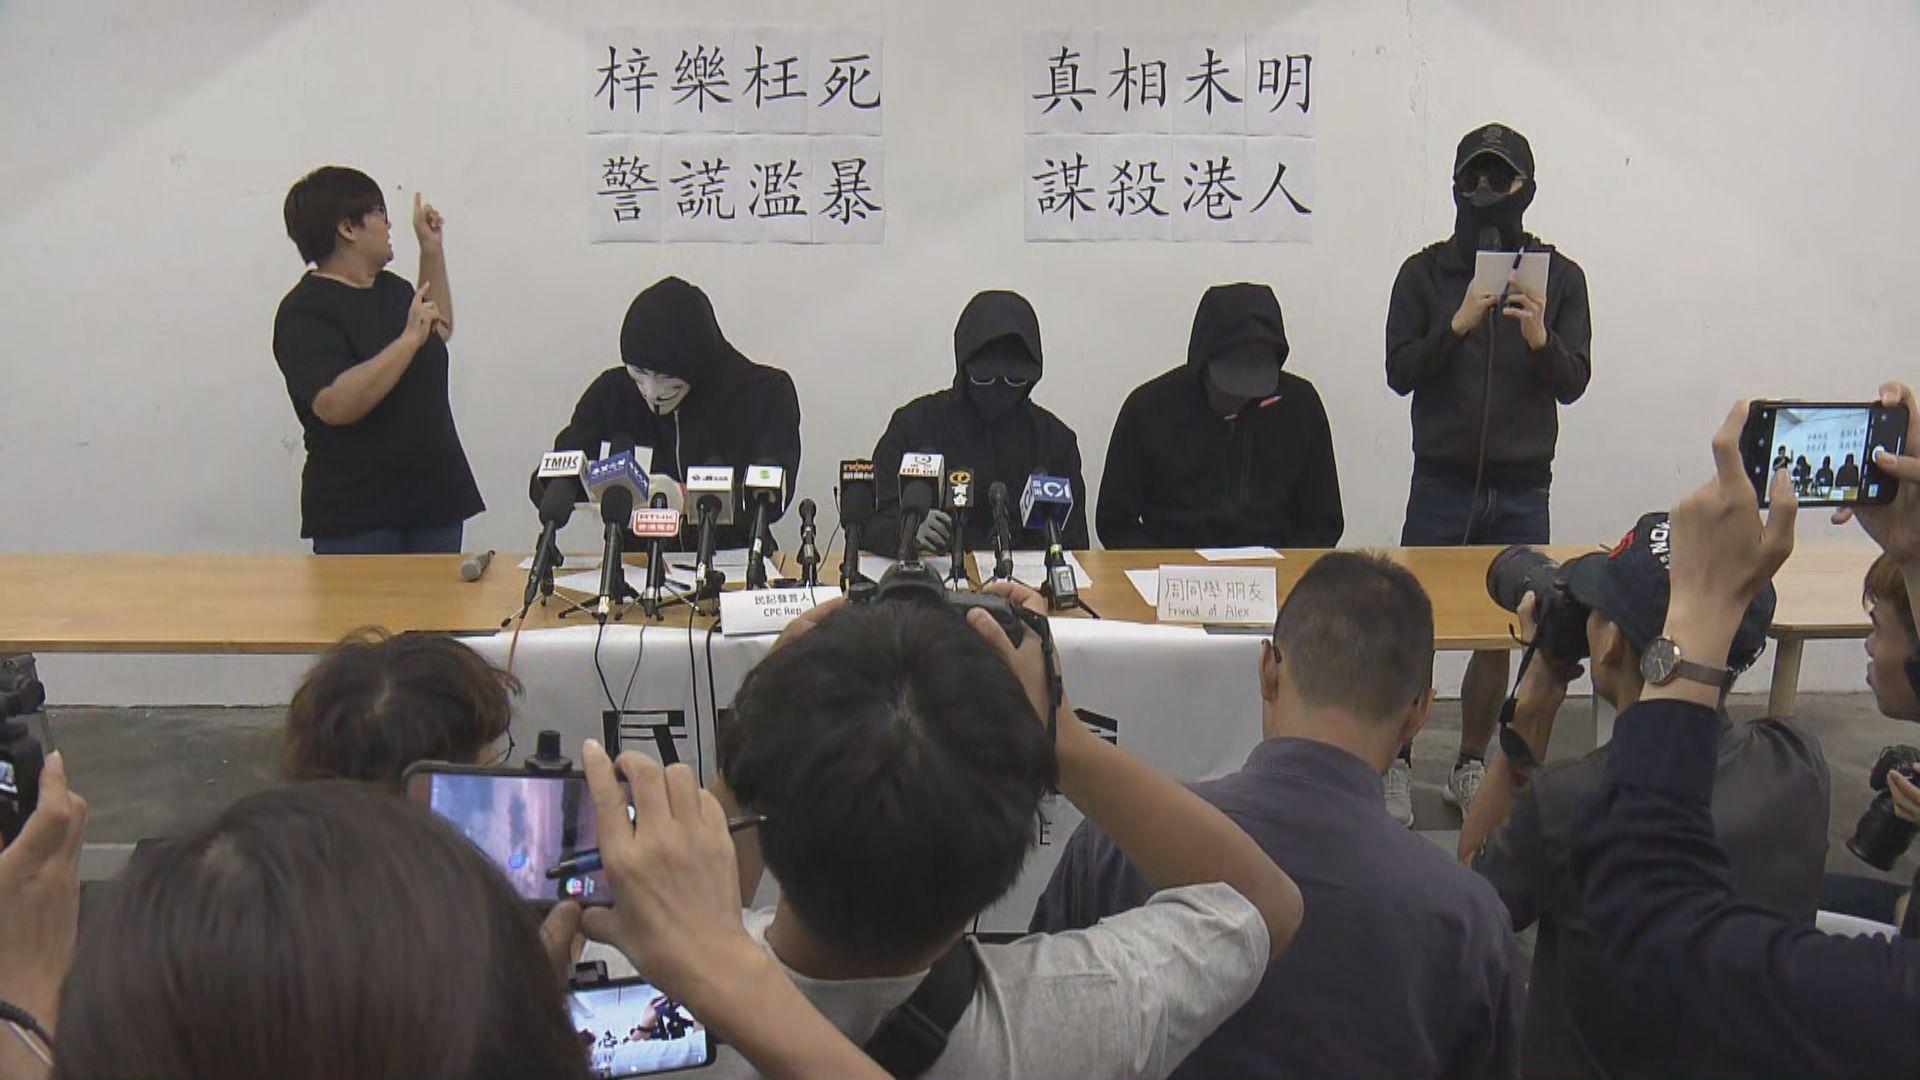 民間記者會:港無真普選不接受23條立法